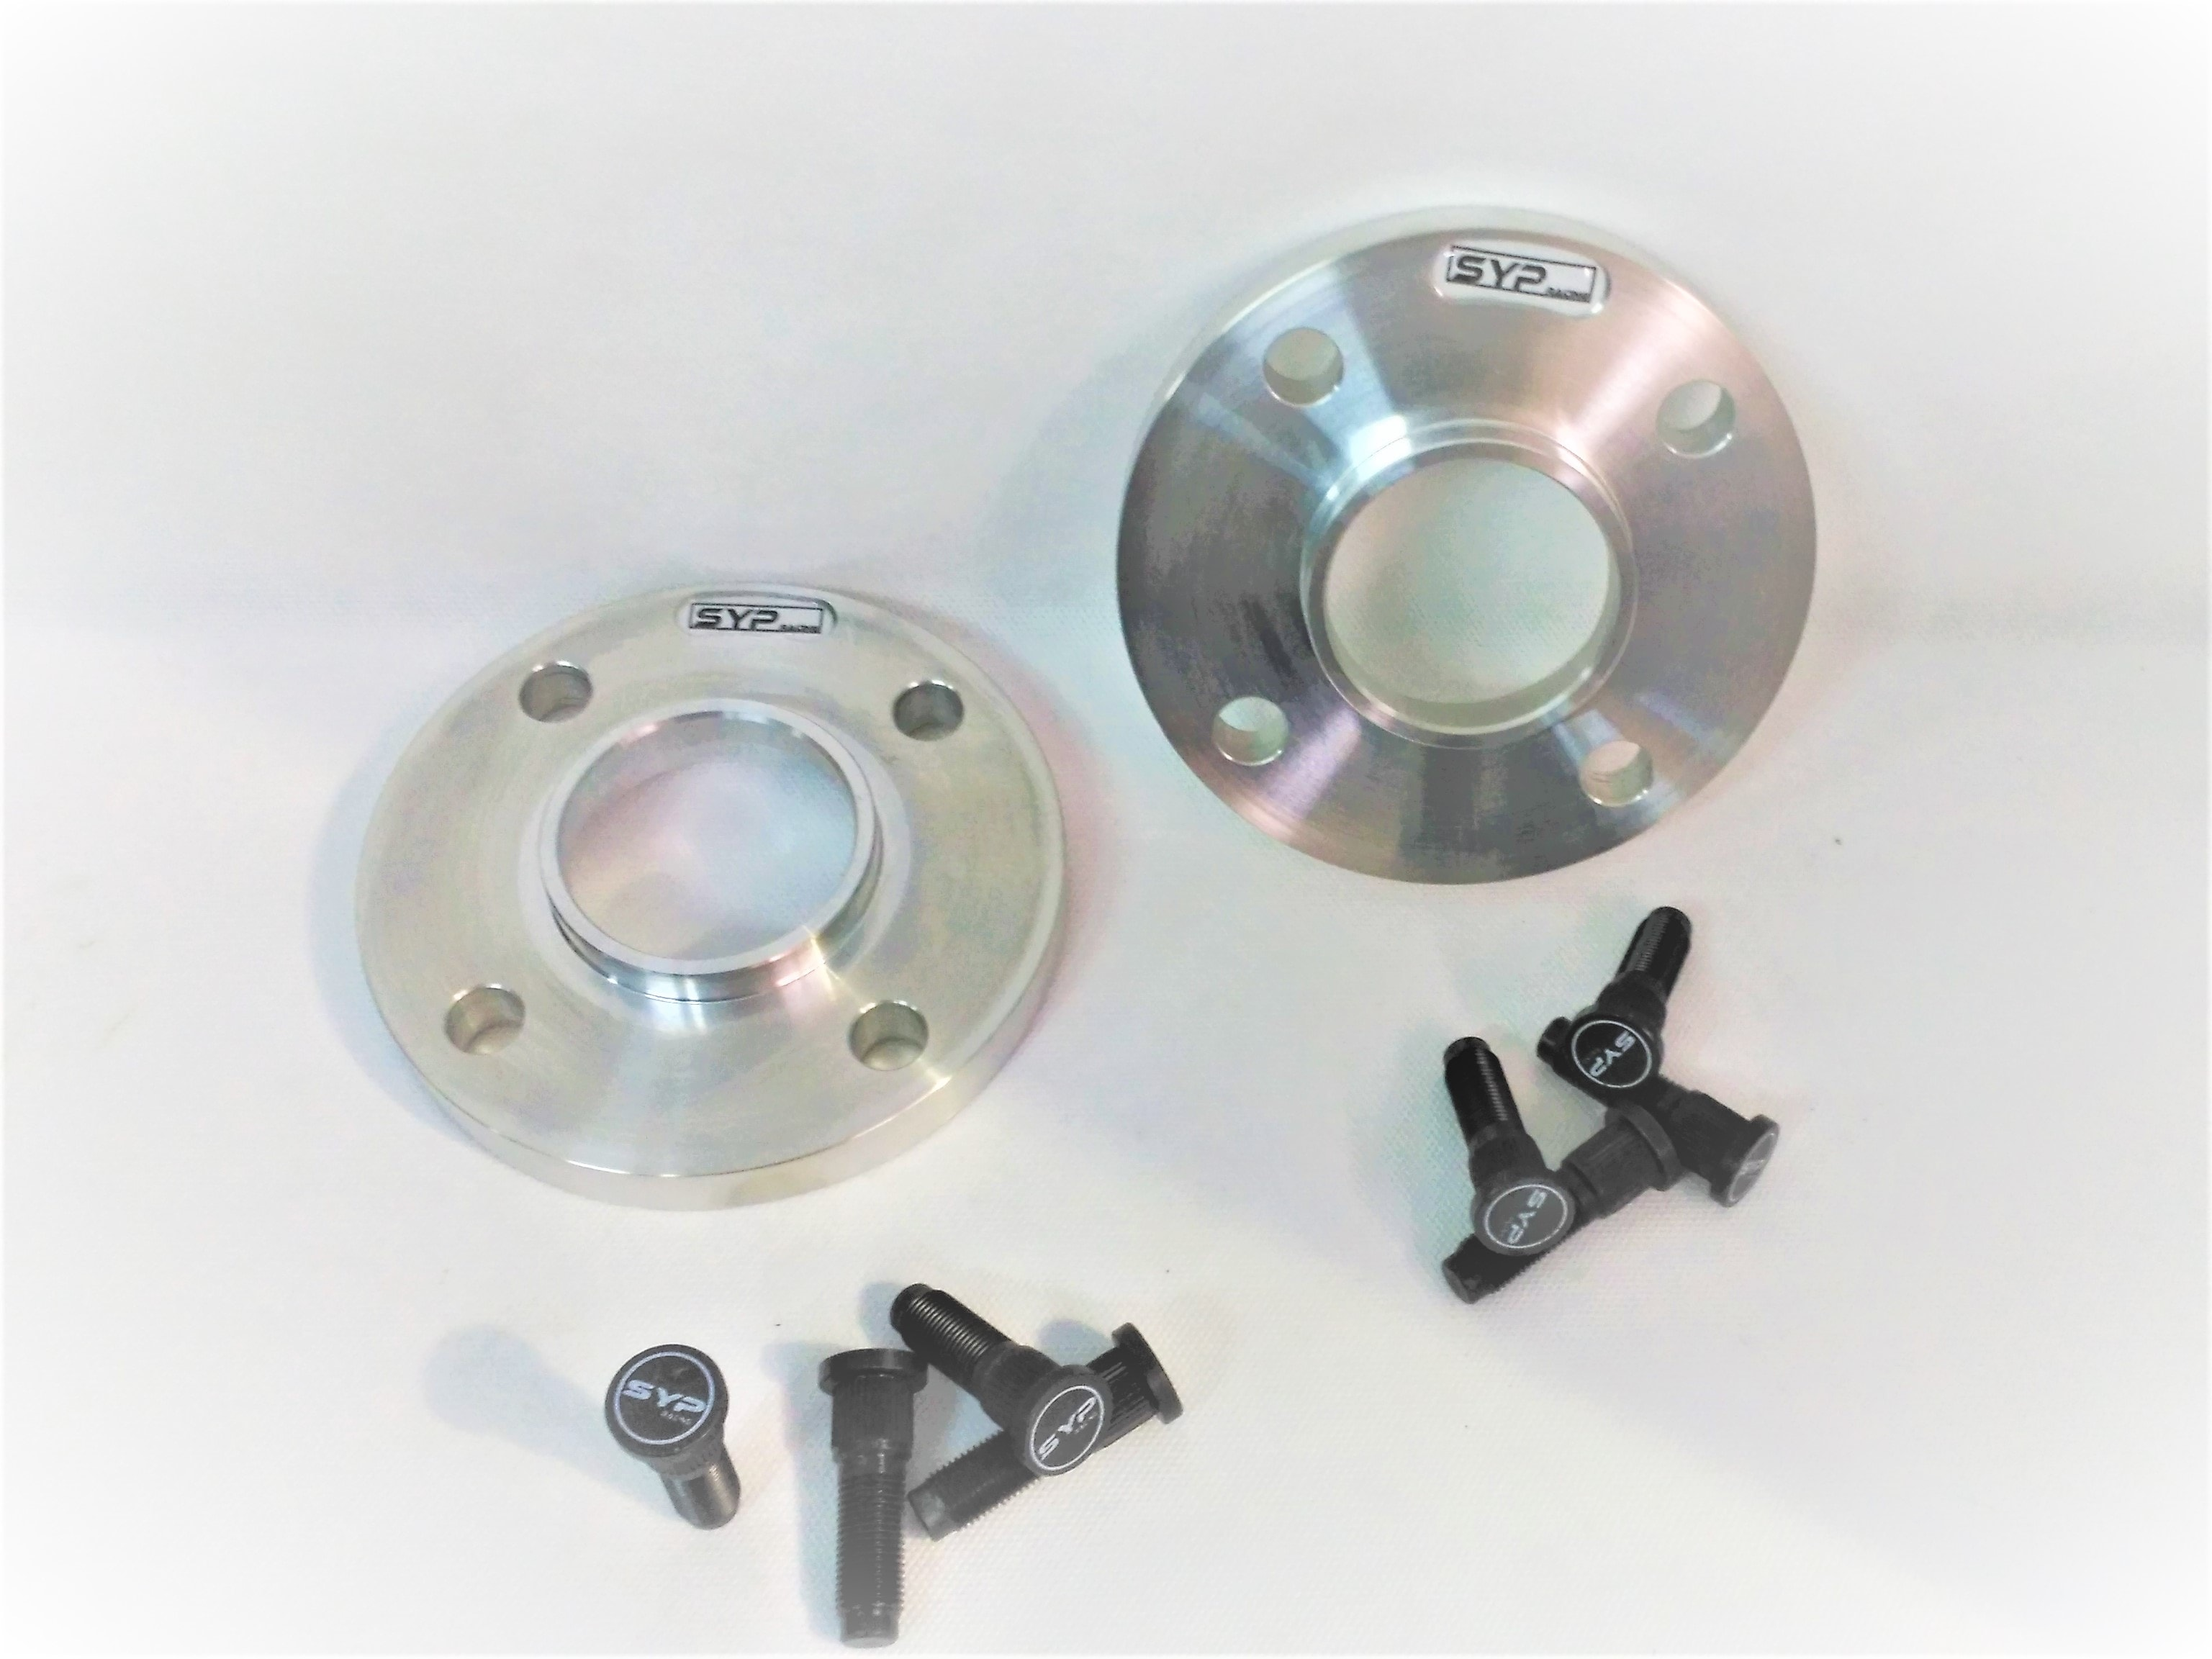 Foto2 Separadores de ruedas Ford Sypracing 16mm, 21mm, 25mm y 30mm